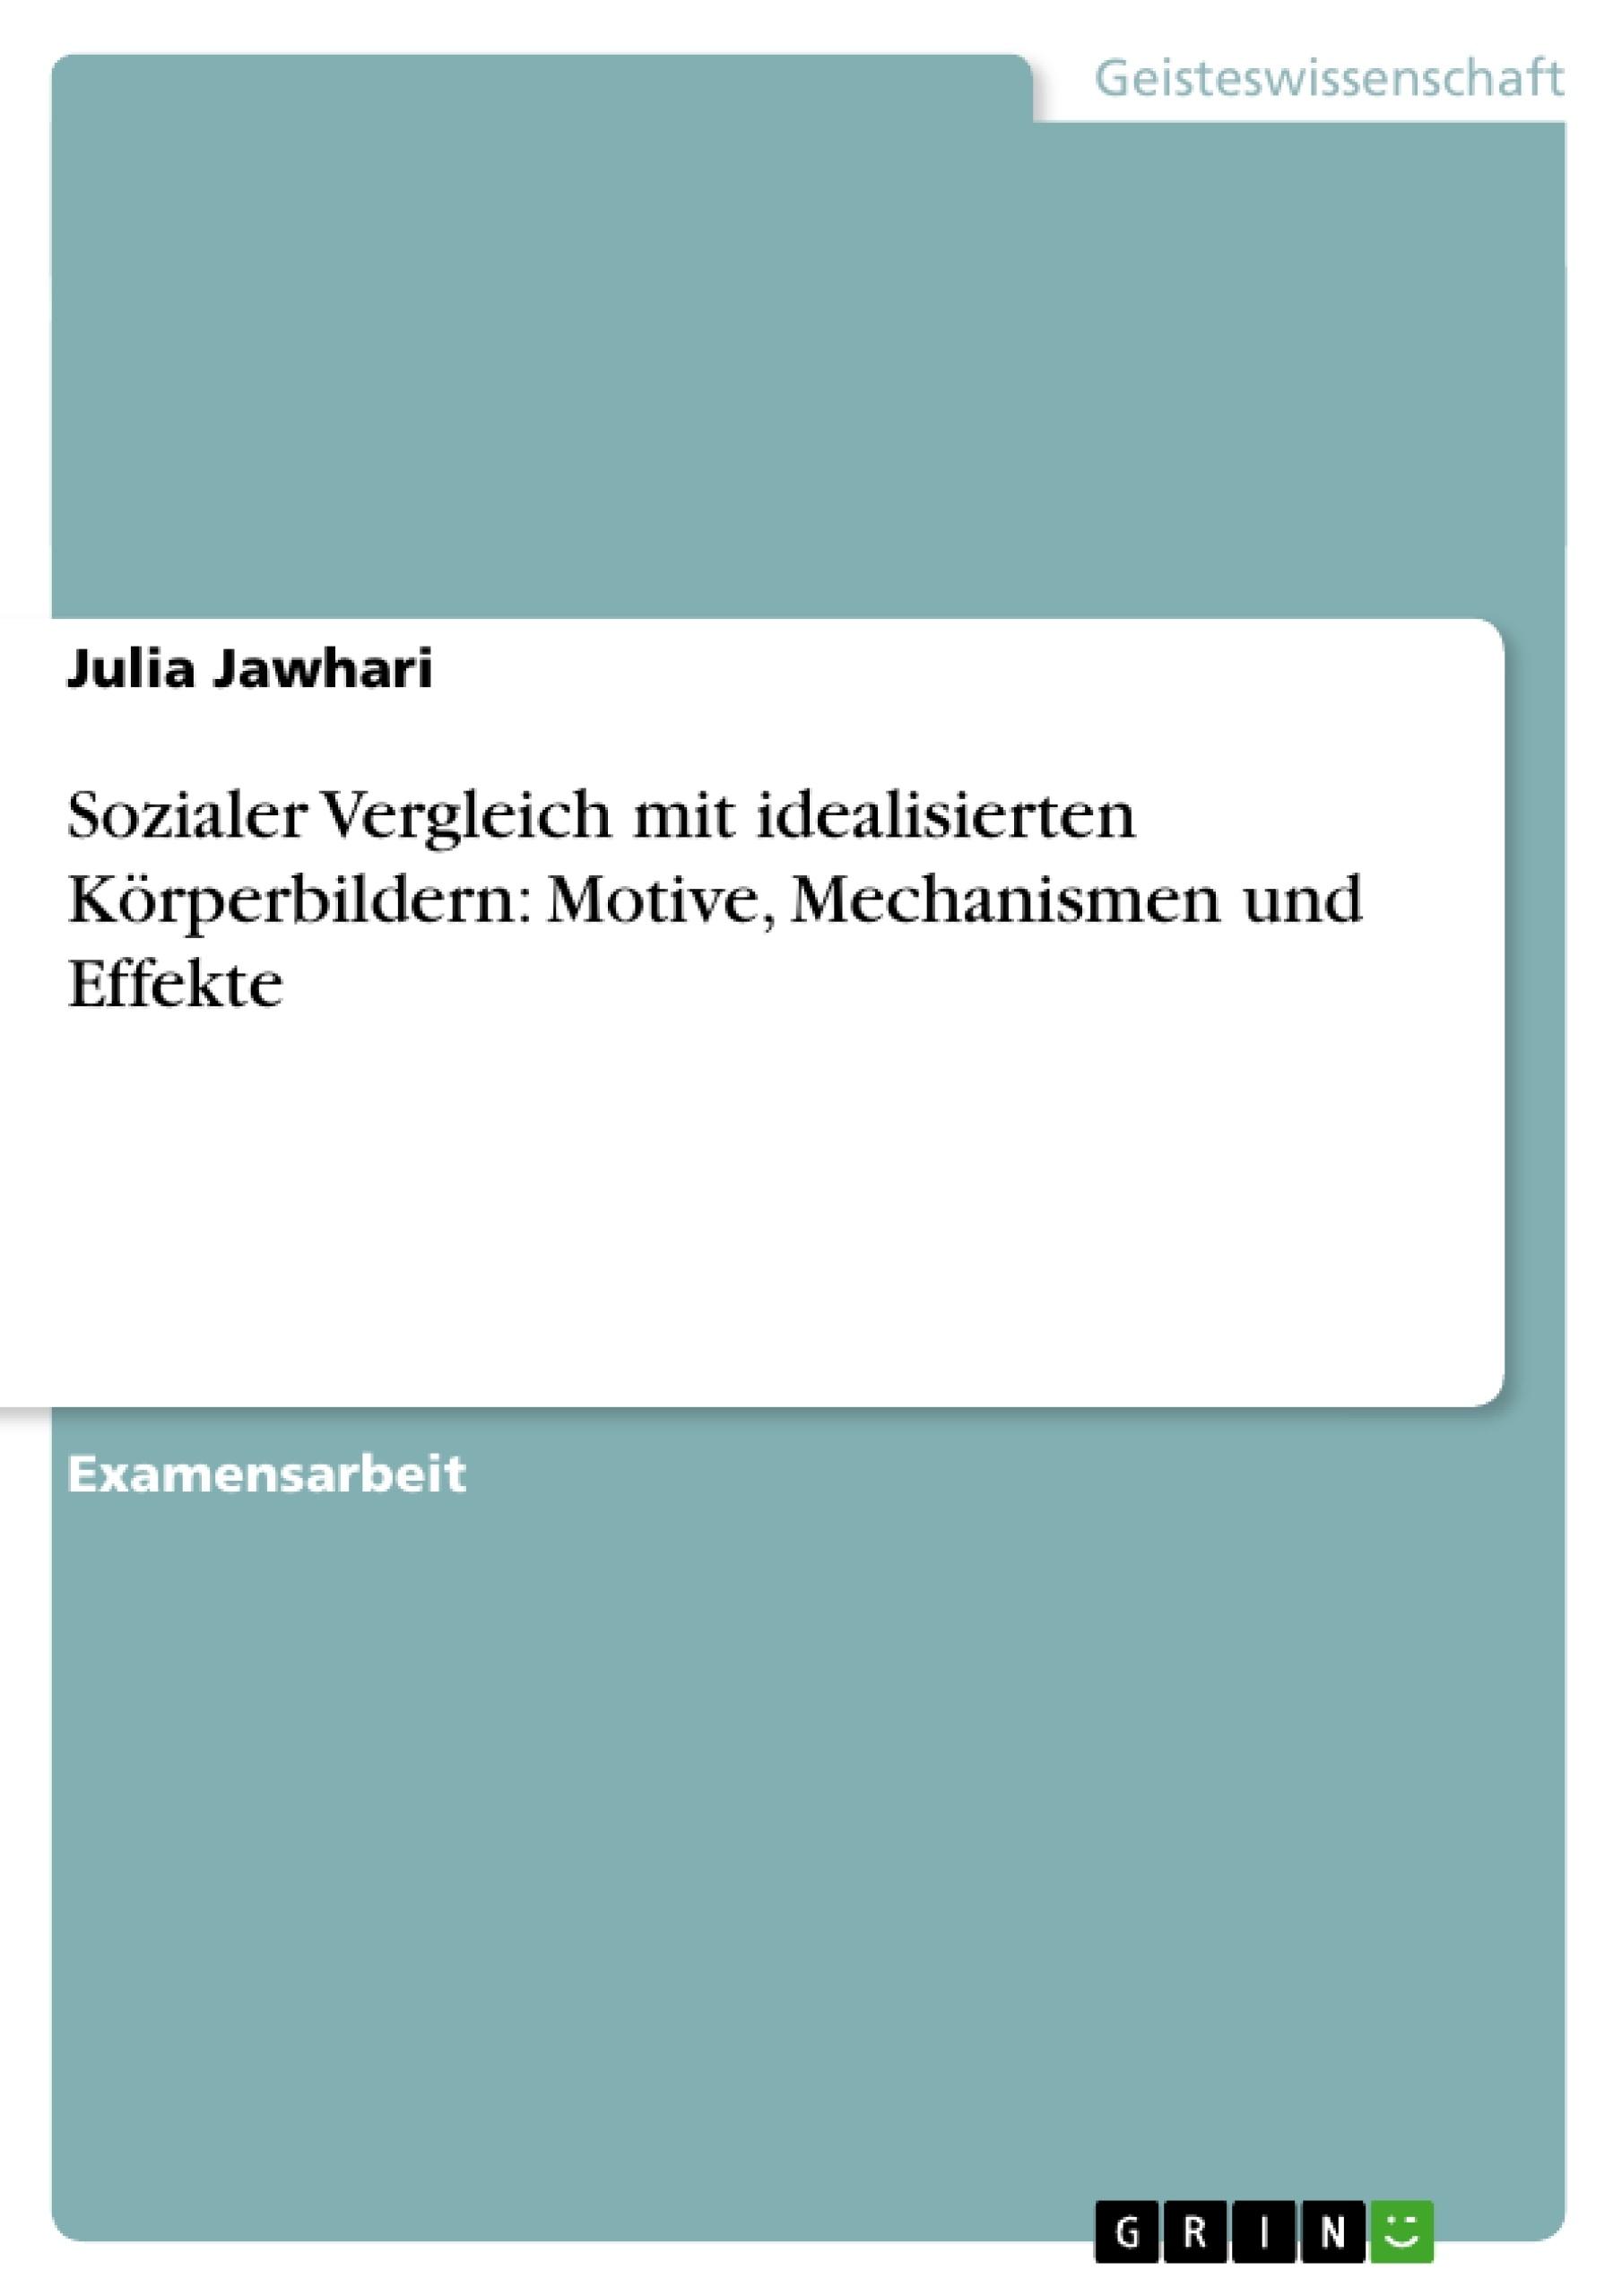 Titel: Sozialer Vergleich mit idealisierten Körperbildern: Motive, Mechanismen und Effekte